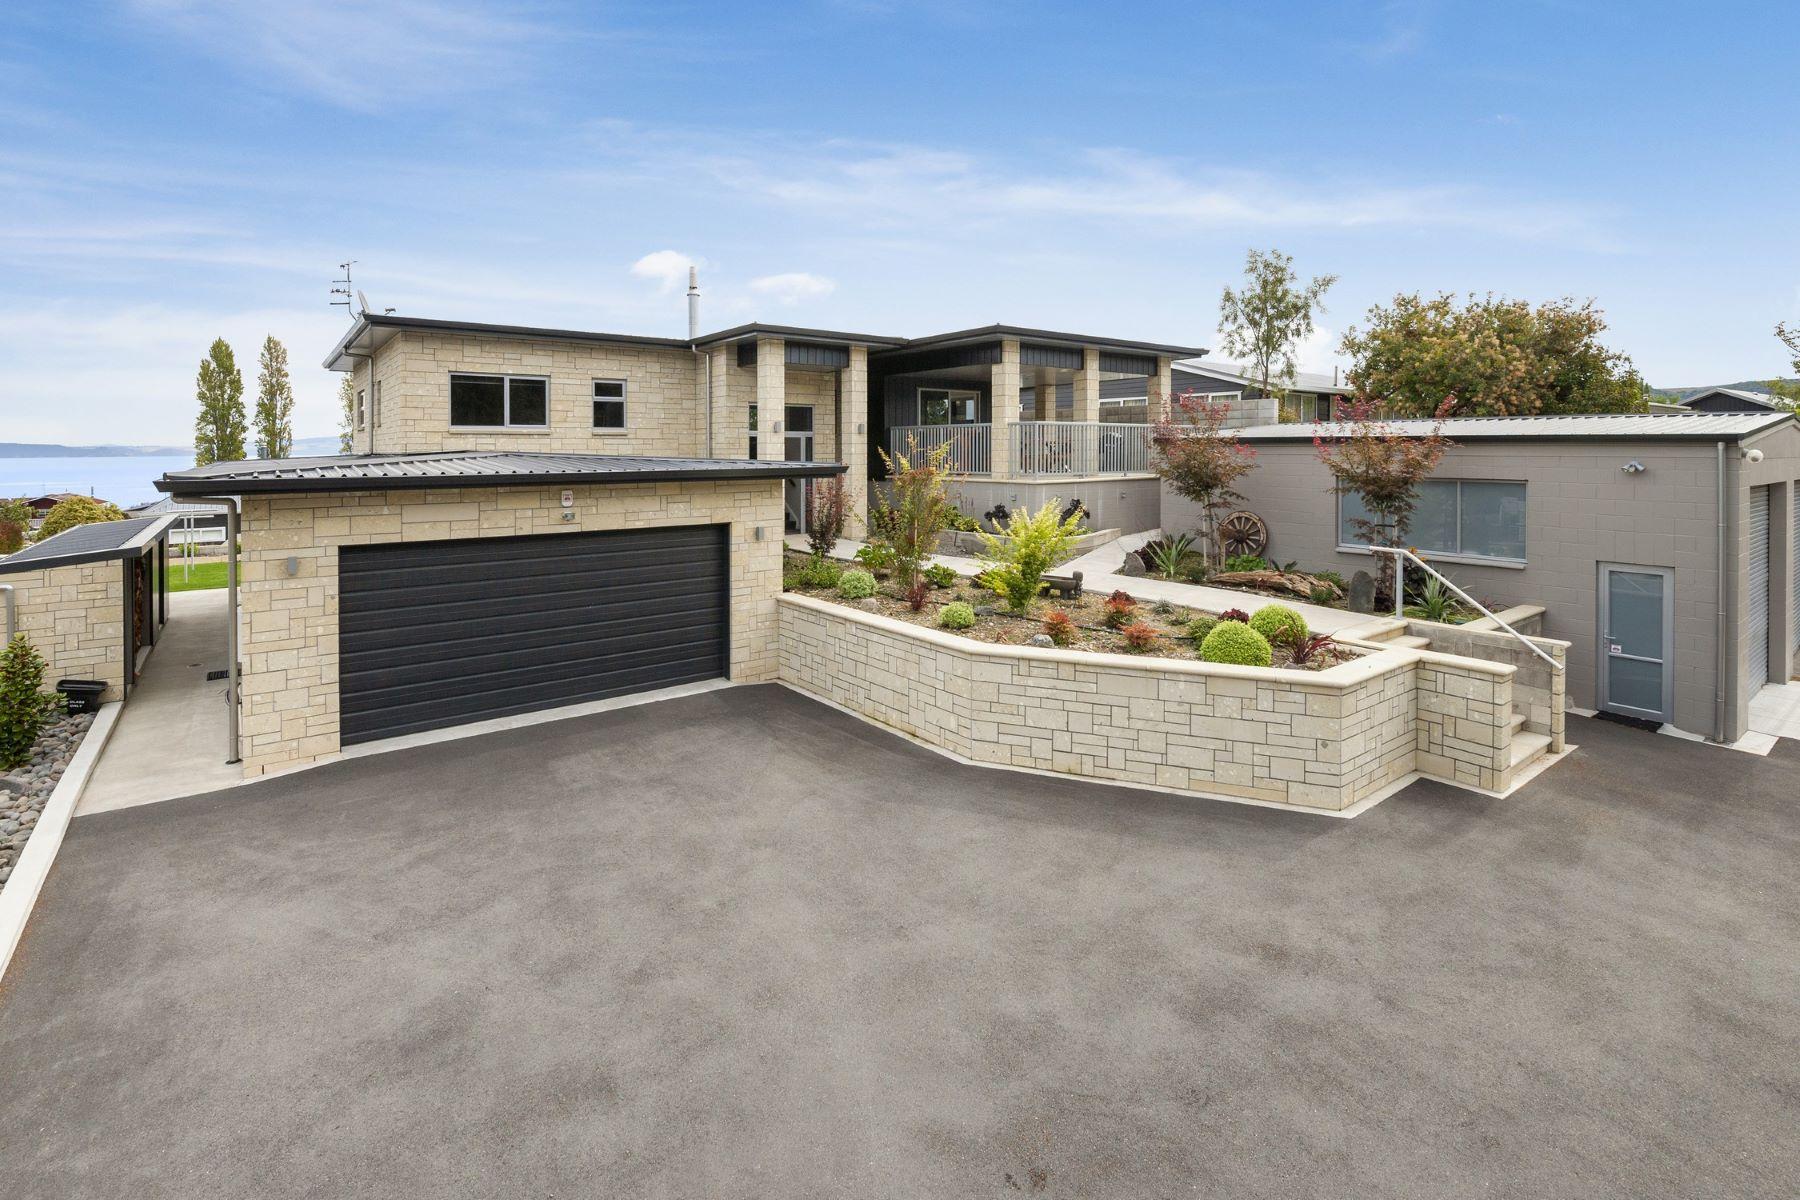 Single Family Homes for Sale at 22 Marina Terrace, Kinloch, Taupo Taupo, Waikato New Zealand